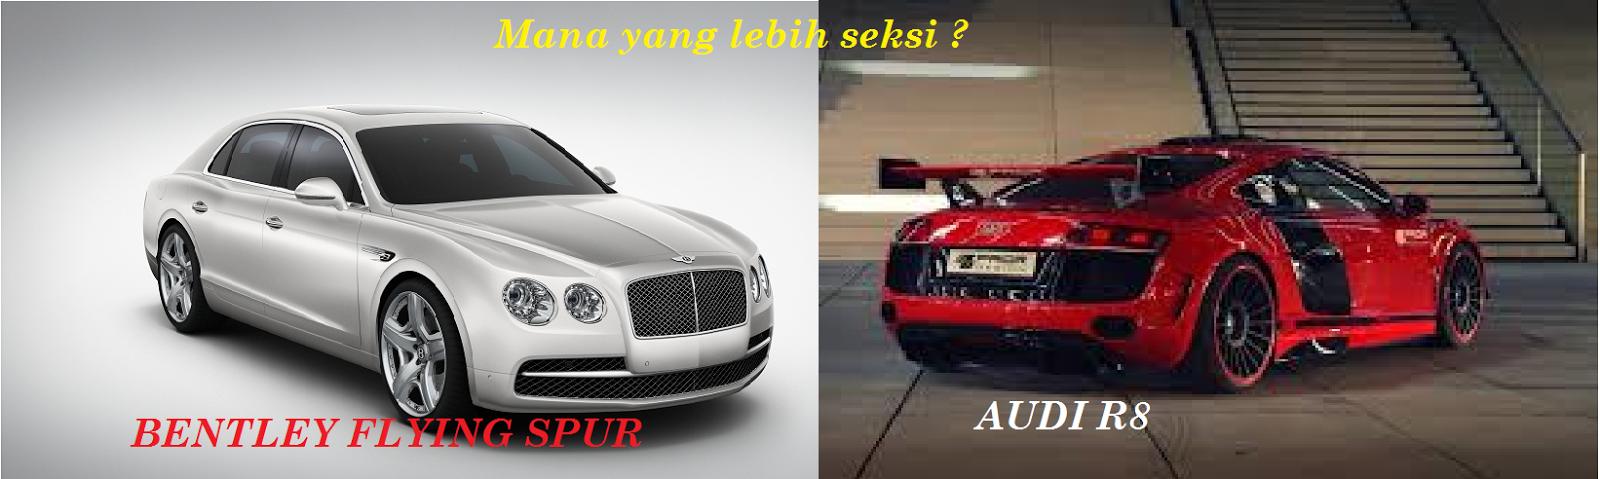 Bentley malaysia, kereta import, audi R8, AP kereta, kereta mewah, pasaran kereta mewah,procedure bawa masuk kereta mewah.